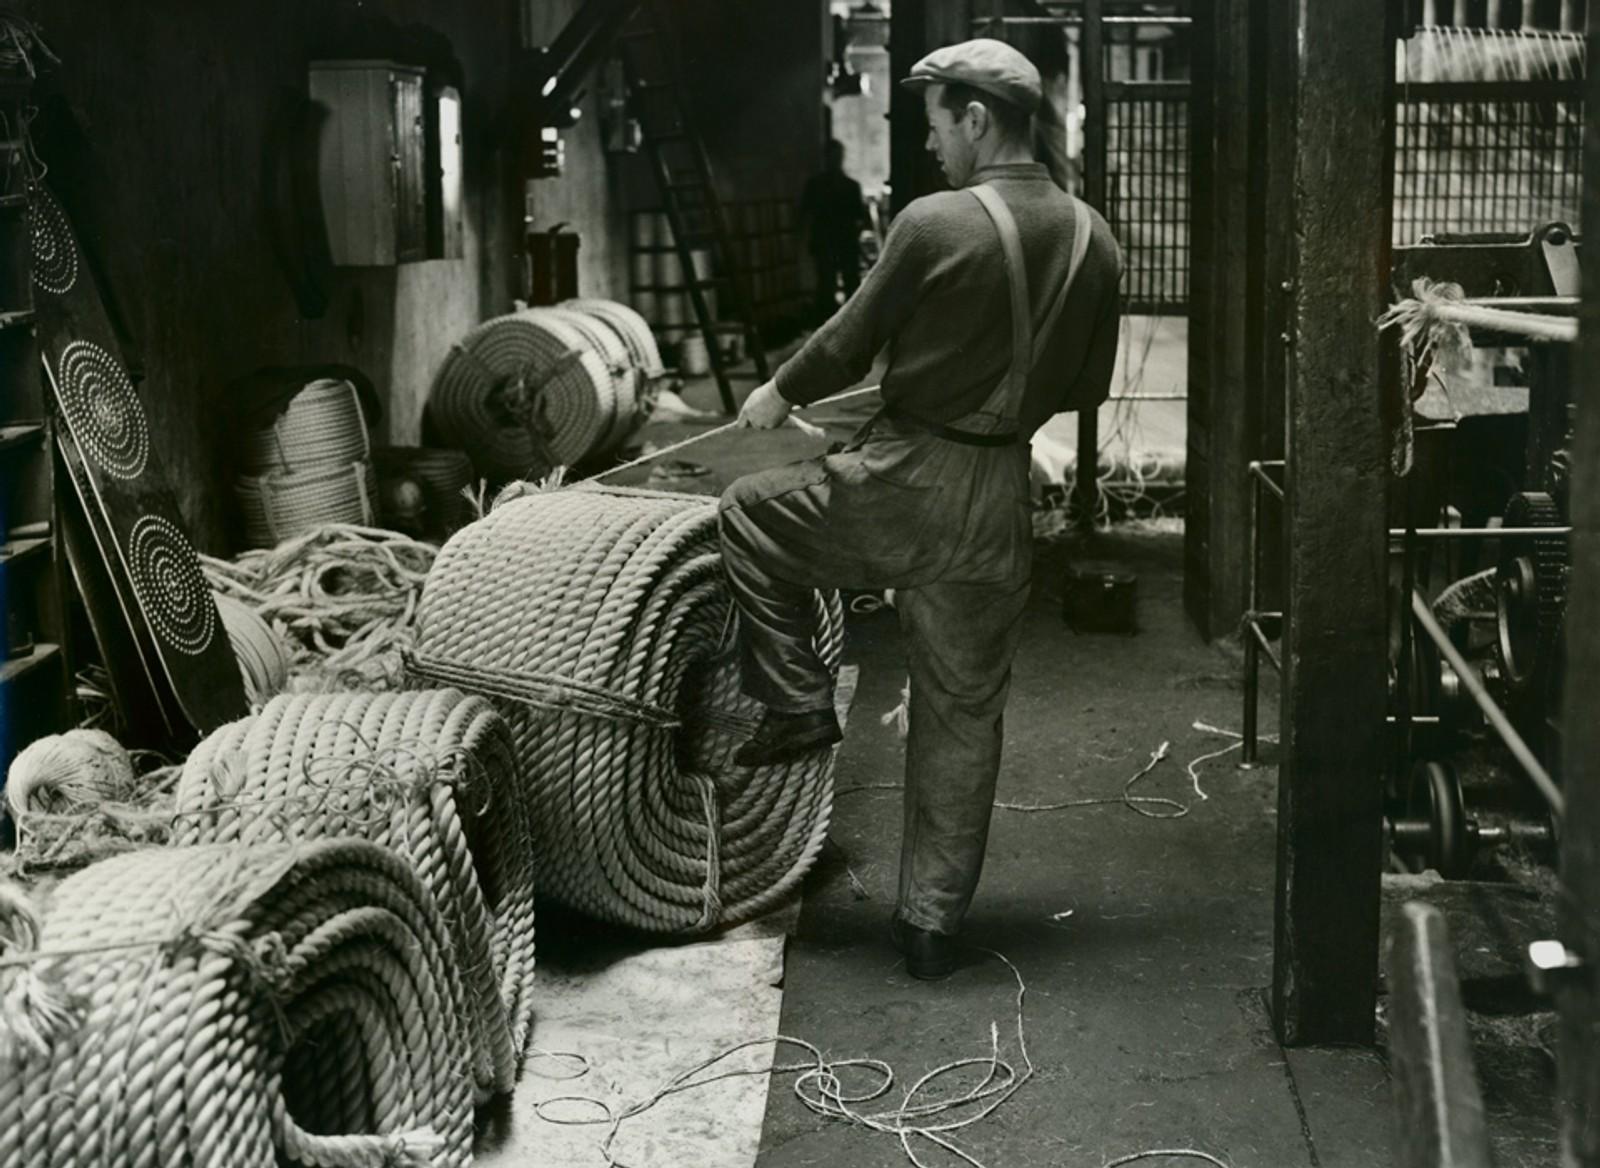 Ansatt som arbeider med tauverk. Sannsynligvis 1947 – samme type fotoserie som over.